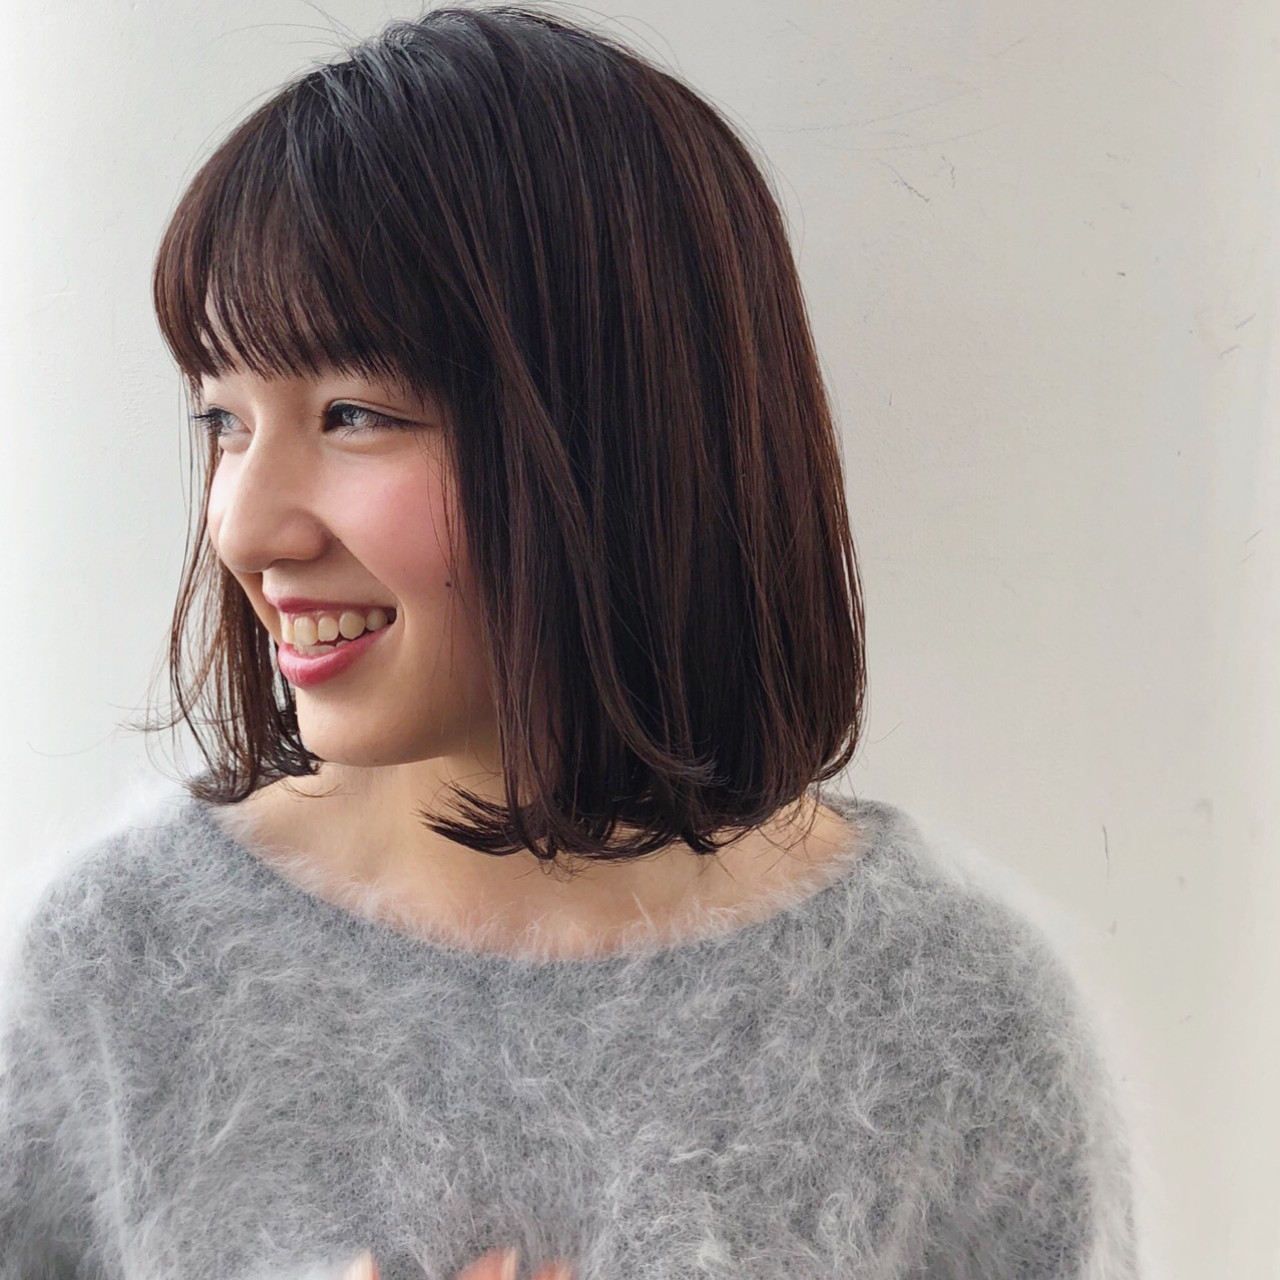 齊瀏海很可愛的直髮鮑伯頭 古田 千明 // ZACC